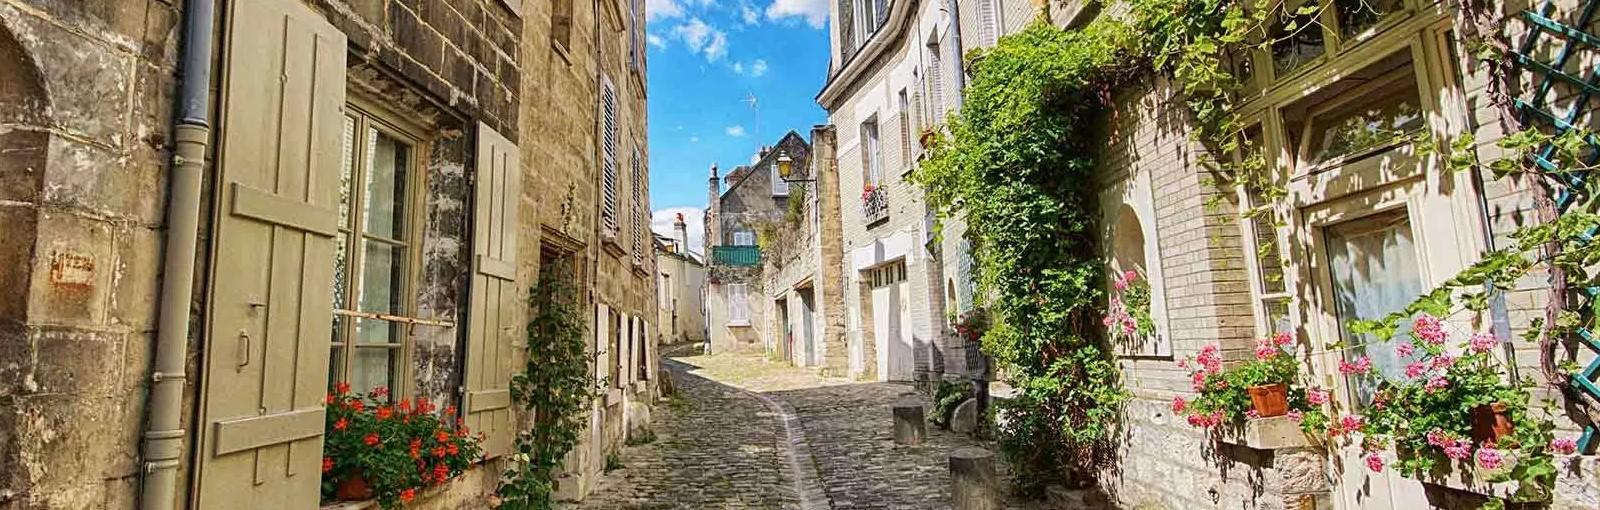 Tours Senlis - Medio-días - Excursiones desde París